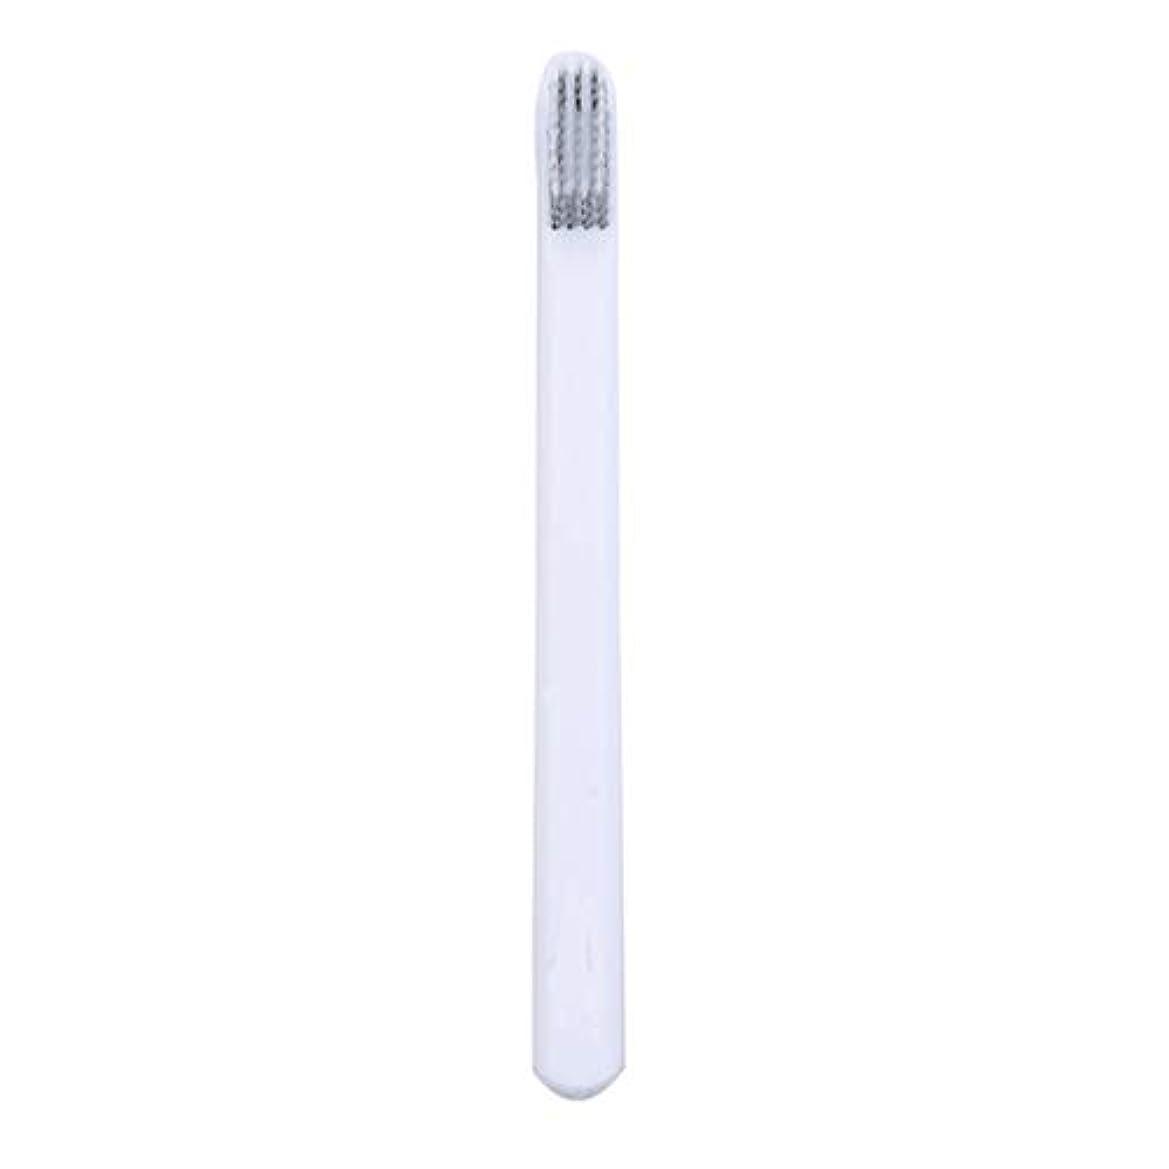 トリプル円周祭司Underleaf 大人のためのカップルの歯ブラシの柔らかい歯ブラシEcoの友好的で柔らかいブラシのヘッドタケ歯ブラシ、白